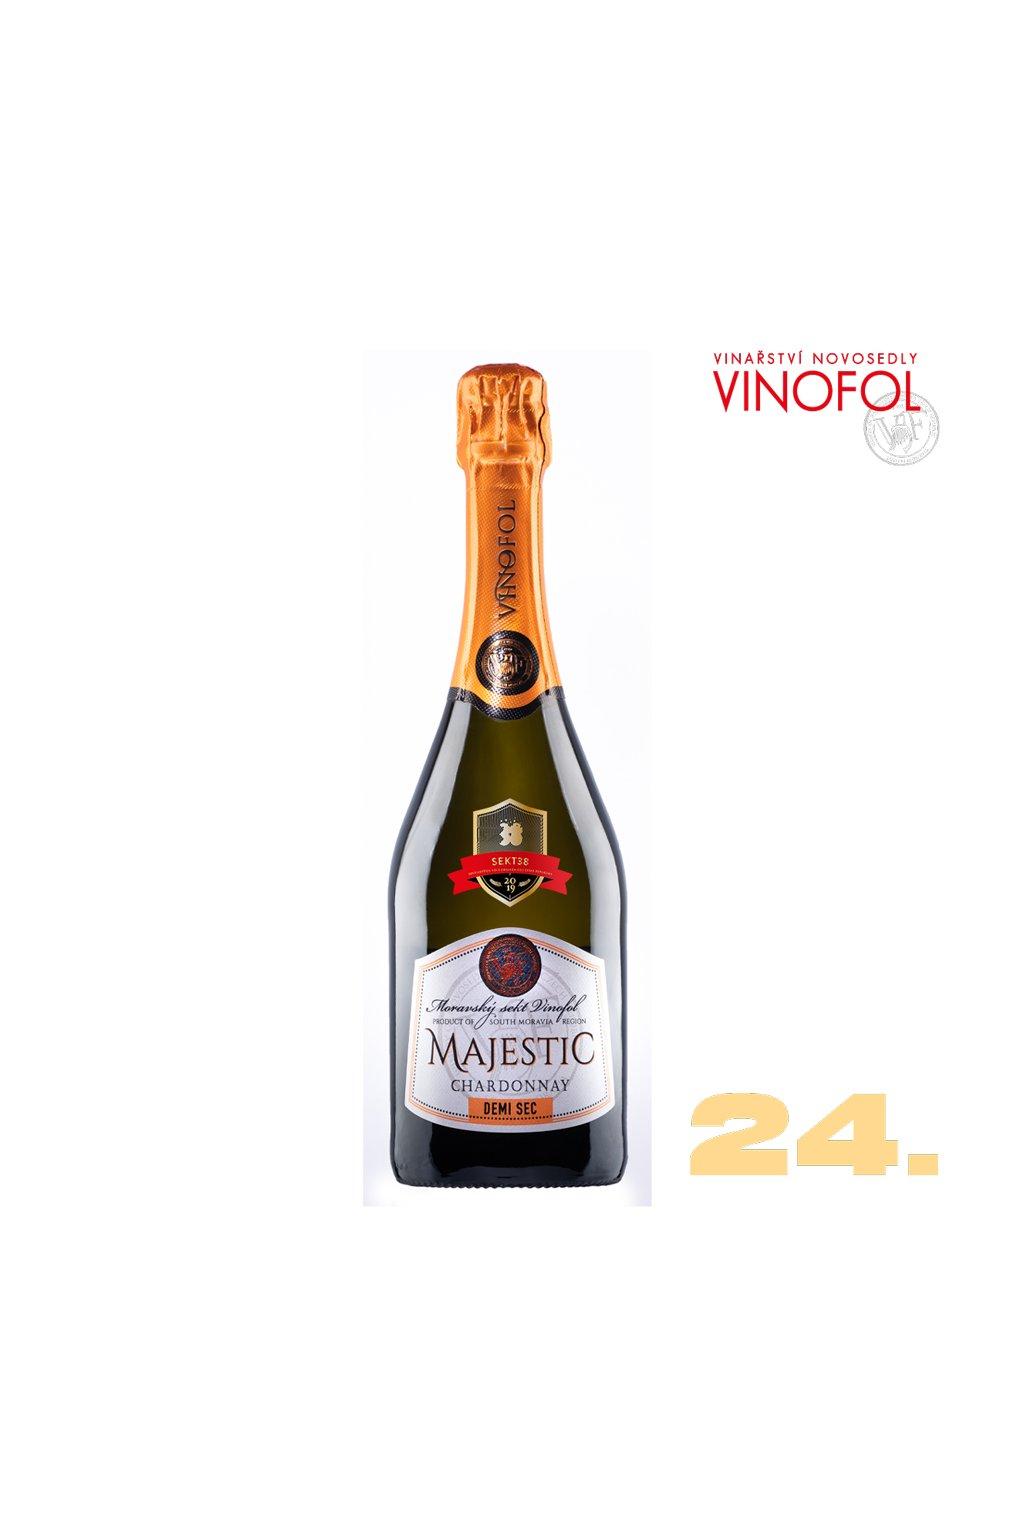 24 Chardonnay